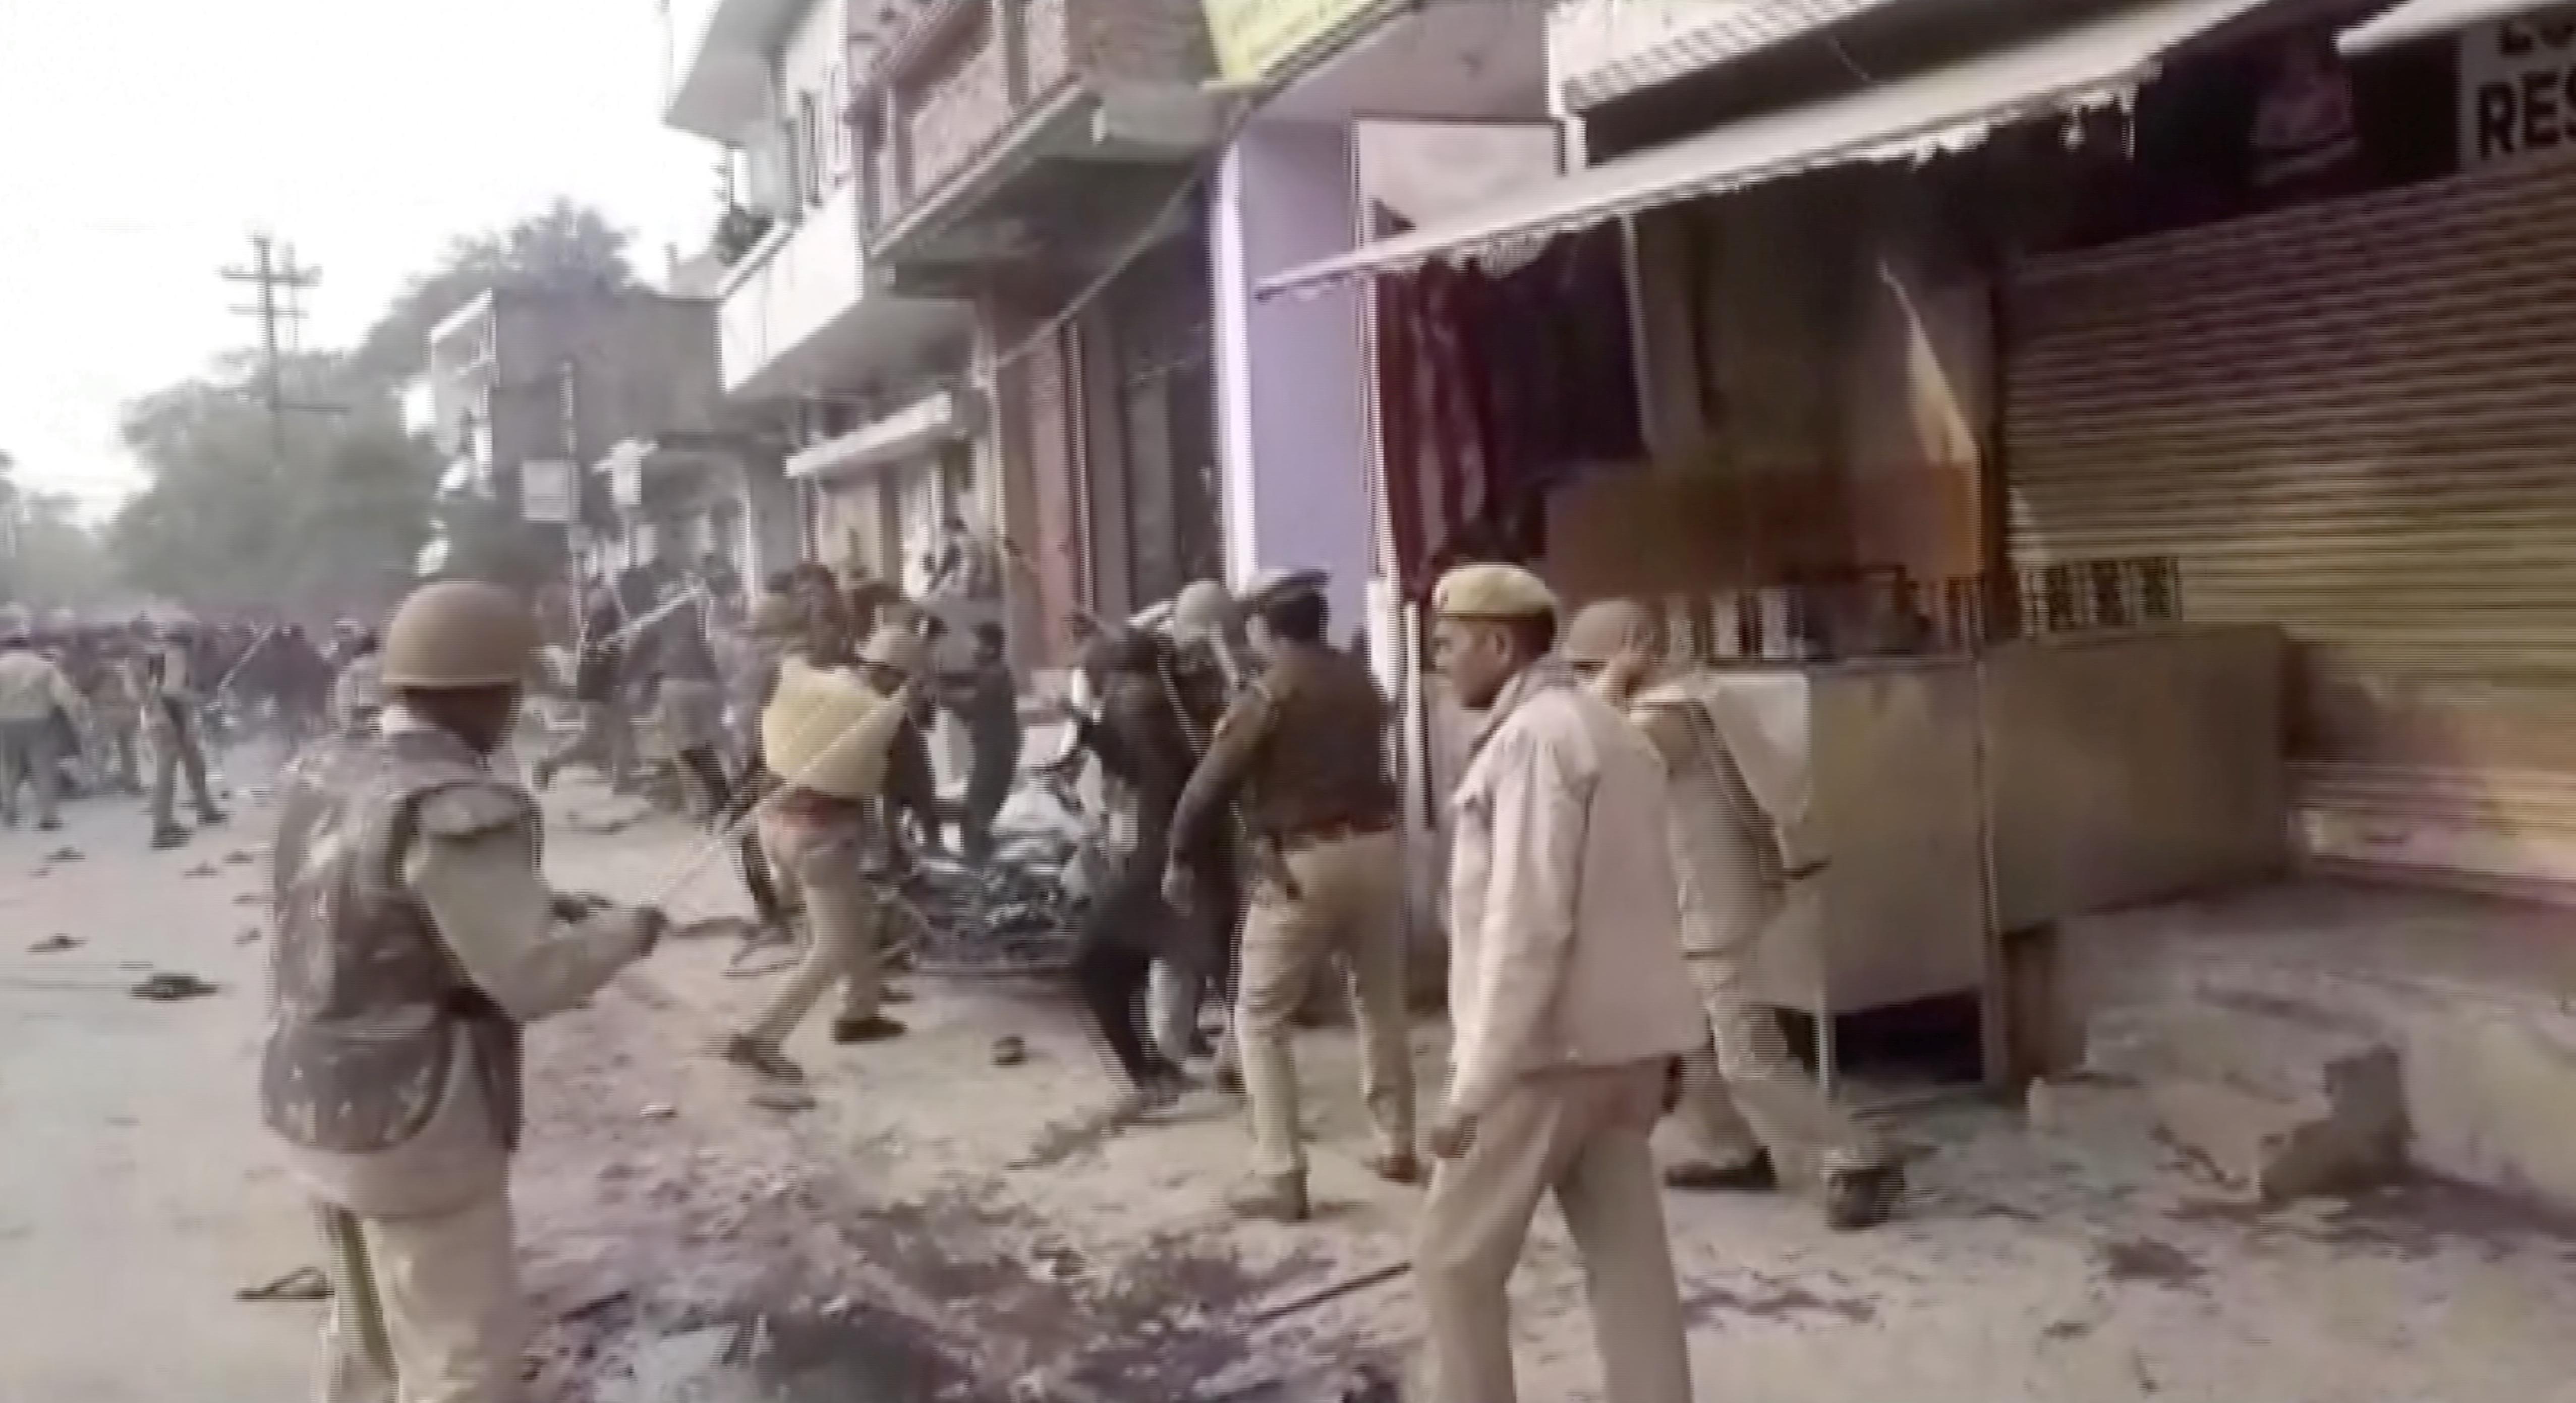 北方邦有示威者向警员掷石、火烧警岗,警察则用警棍追打示威者,周五的警民冲突造成6死。-路透社-